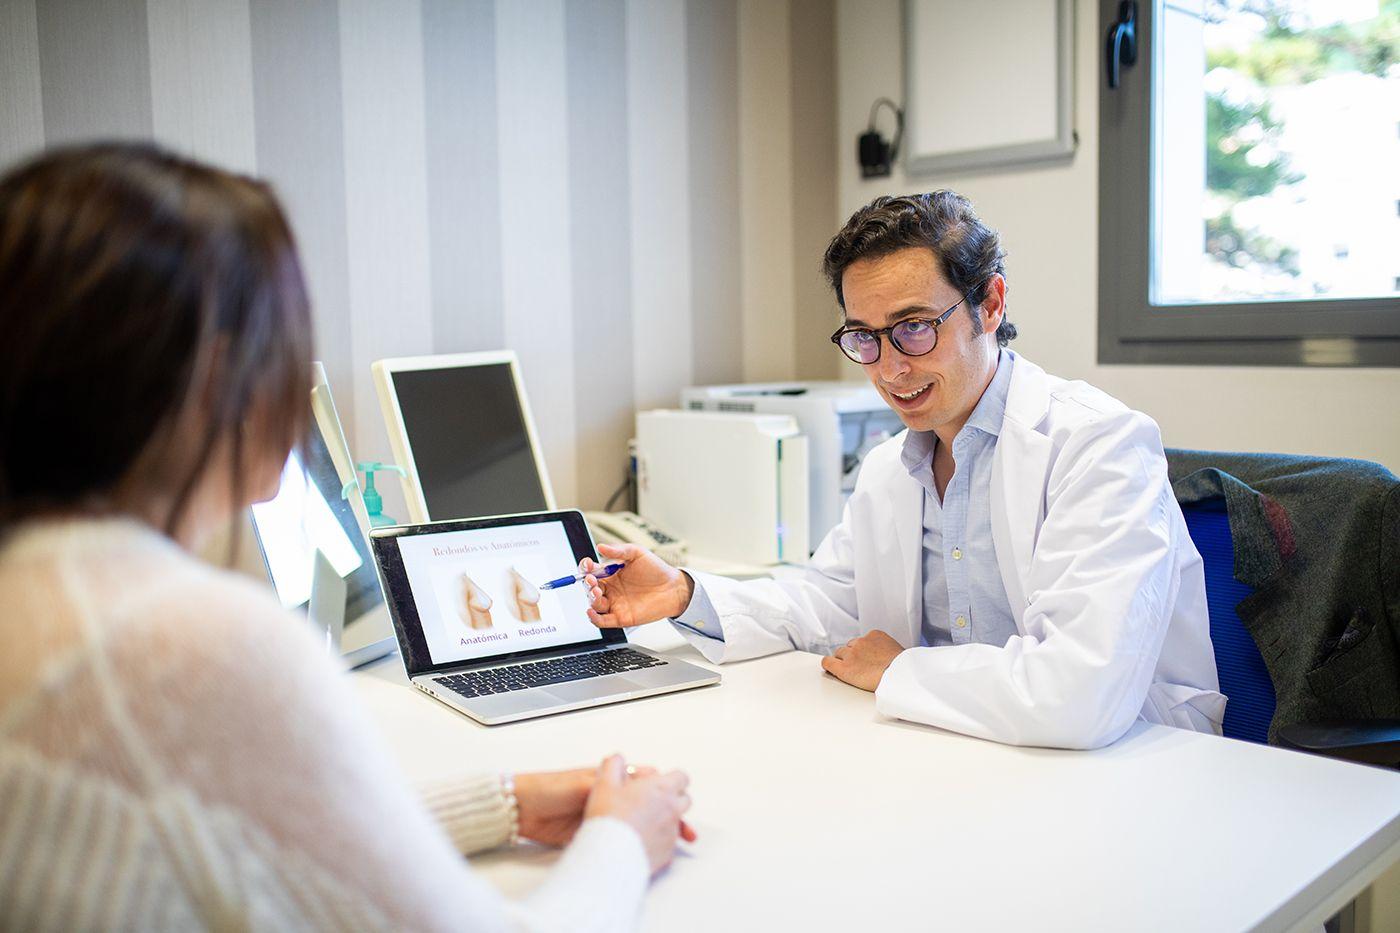 Mamoplastia, una de las cirugías estéticas más demandadas según especialistas en el sector